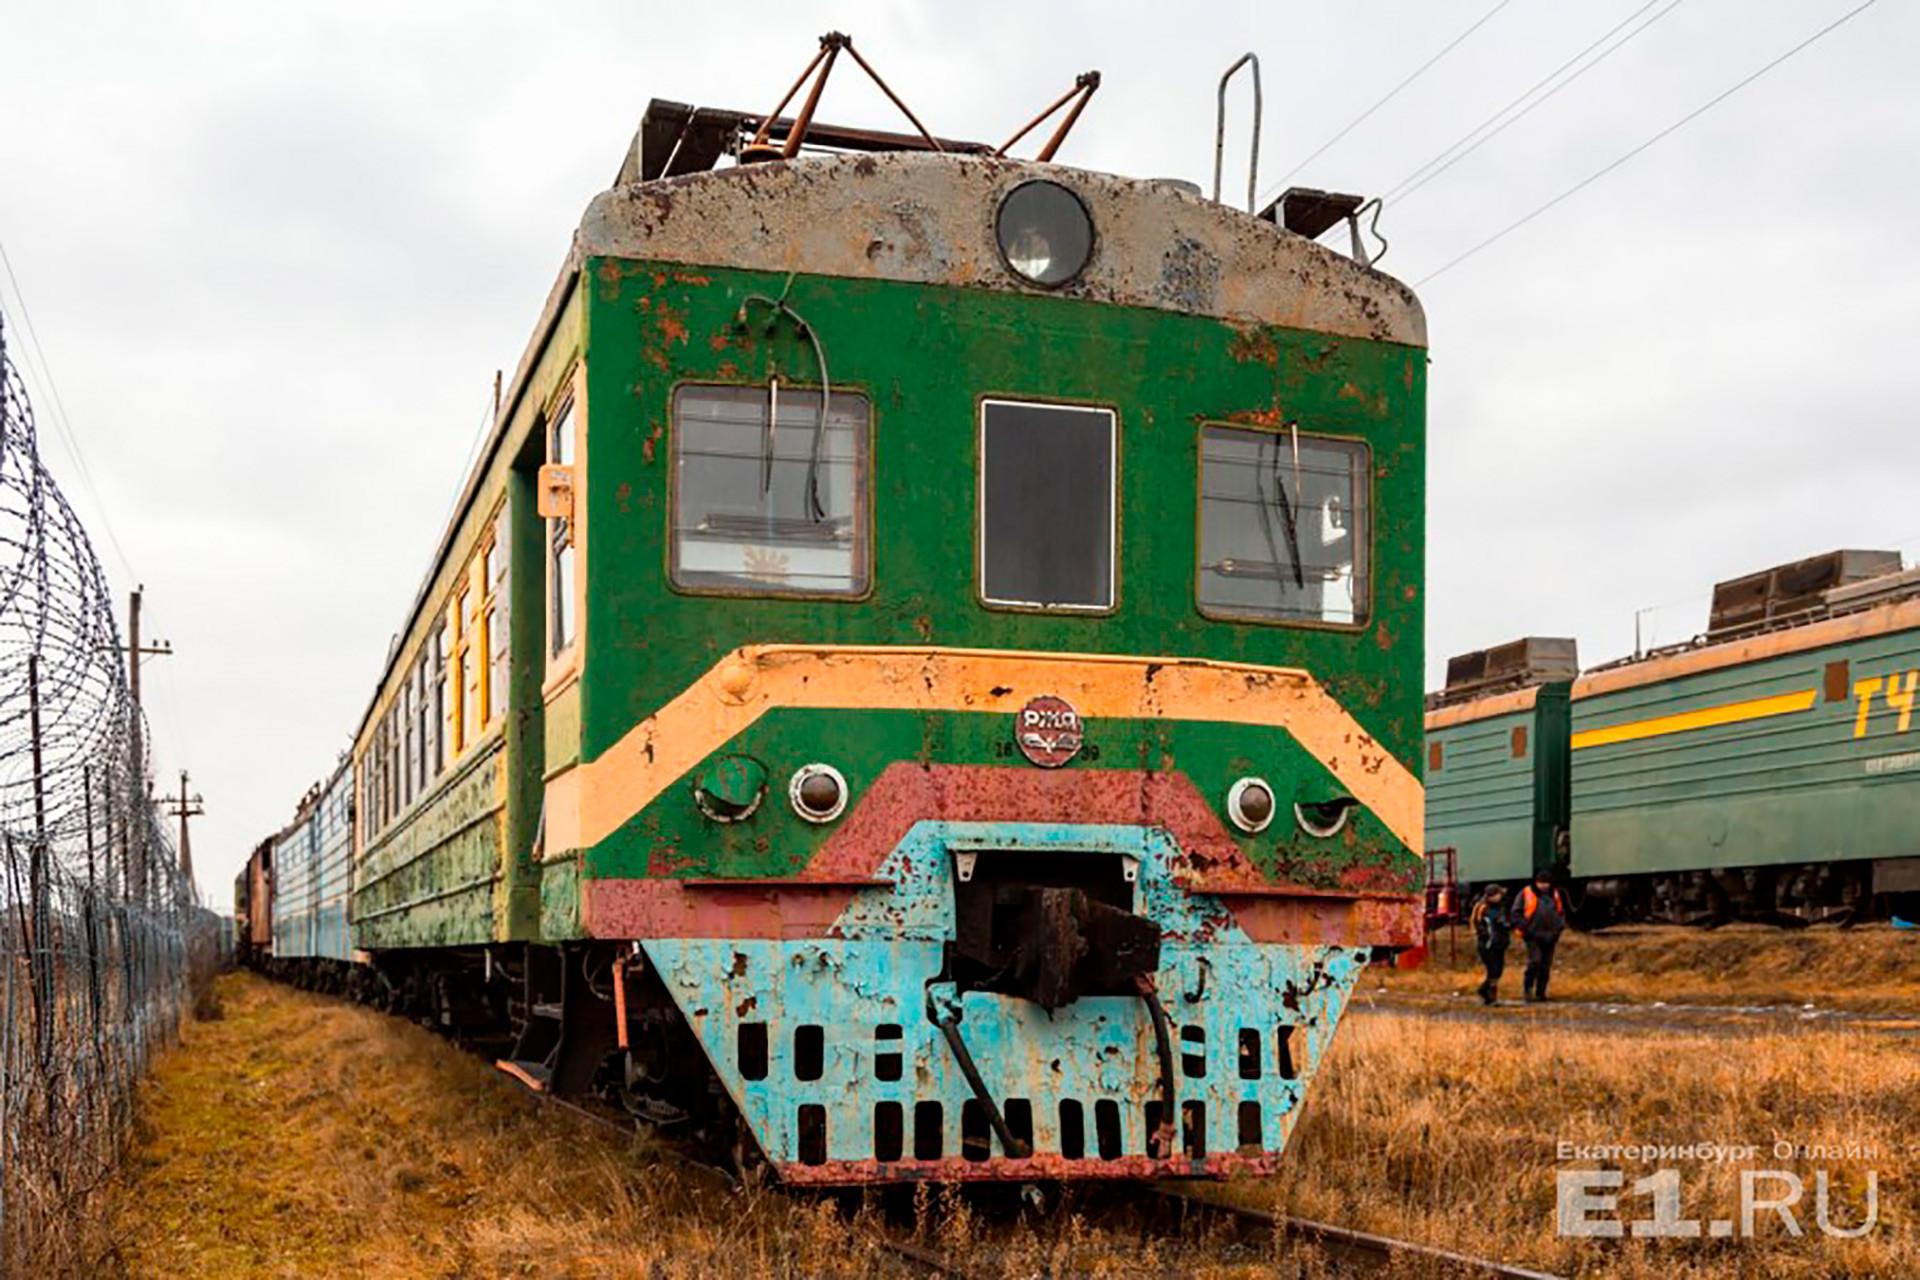 """Nach 1991 verlor diese Strategie jedoch an Relevanz. Dennoch betrachten die Russischen Eisenbahnen die Zuglager bis heute als """"strategisches Objekt""""."""